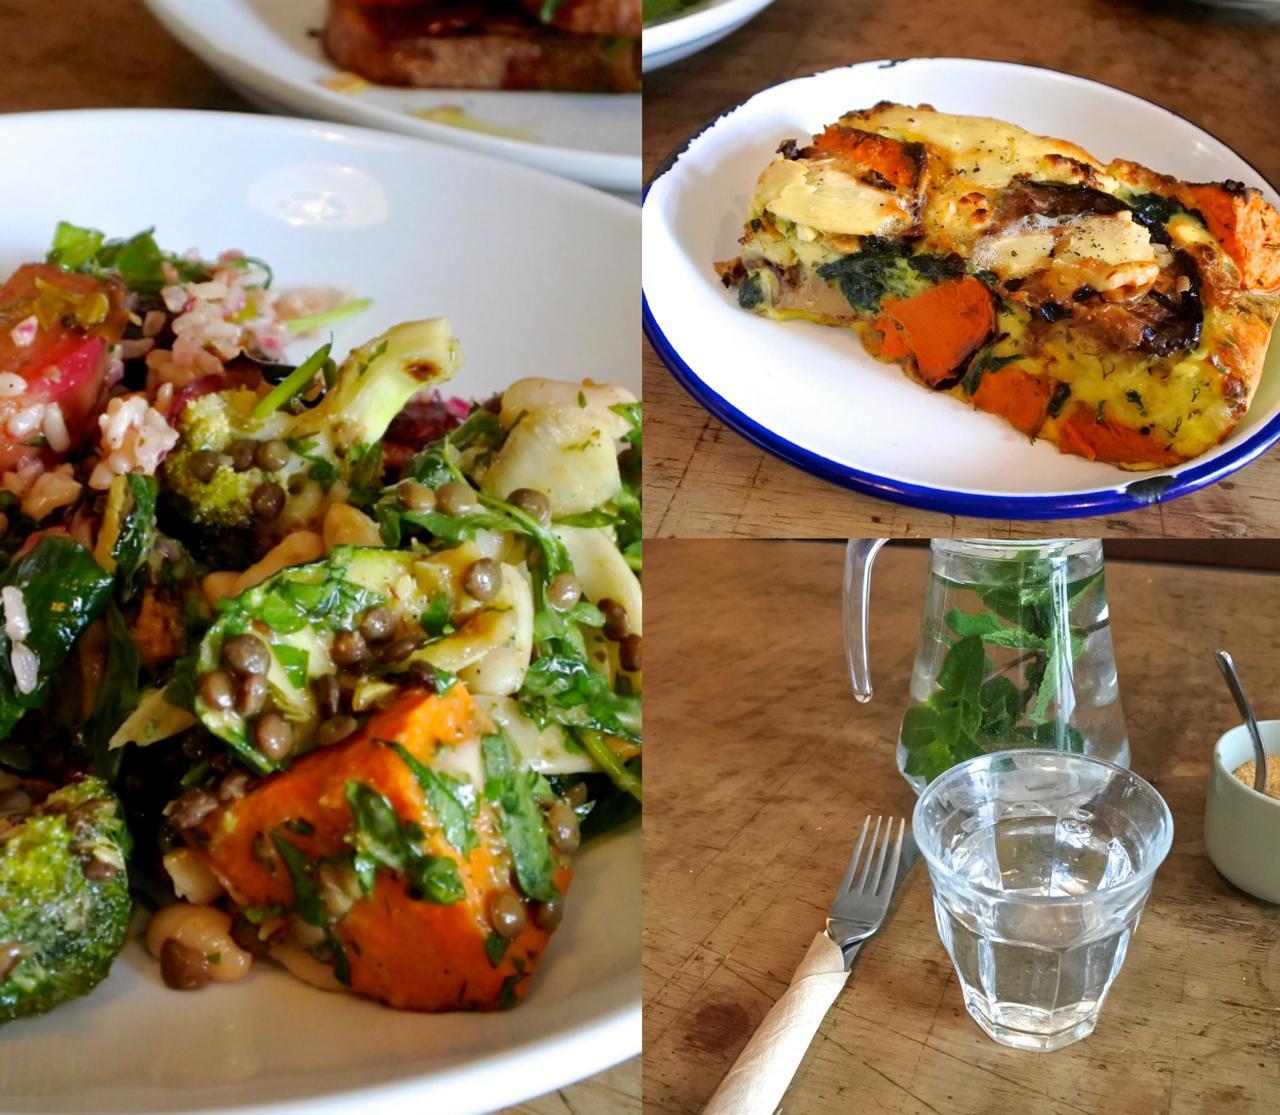 左はハウス・サラダの盛り合わせ。この日はカボチャのロースト、バーリーのサラダなど3種で味もよく大満足☆ 右上がフリッタータ!